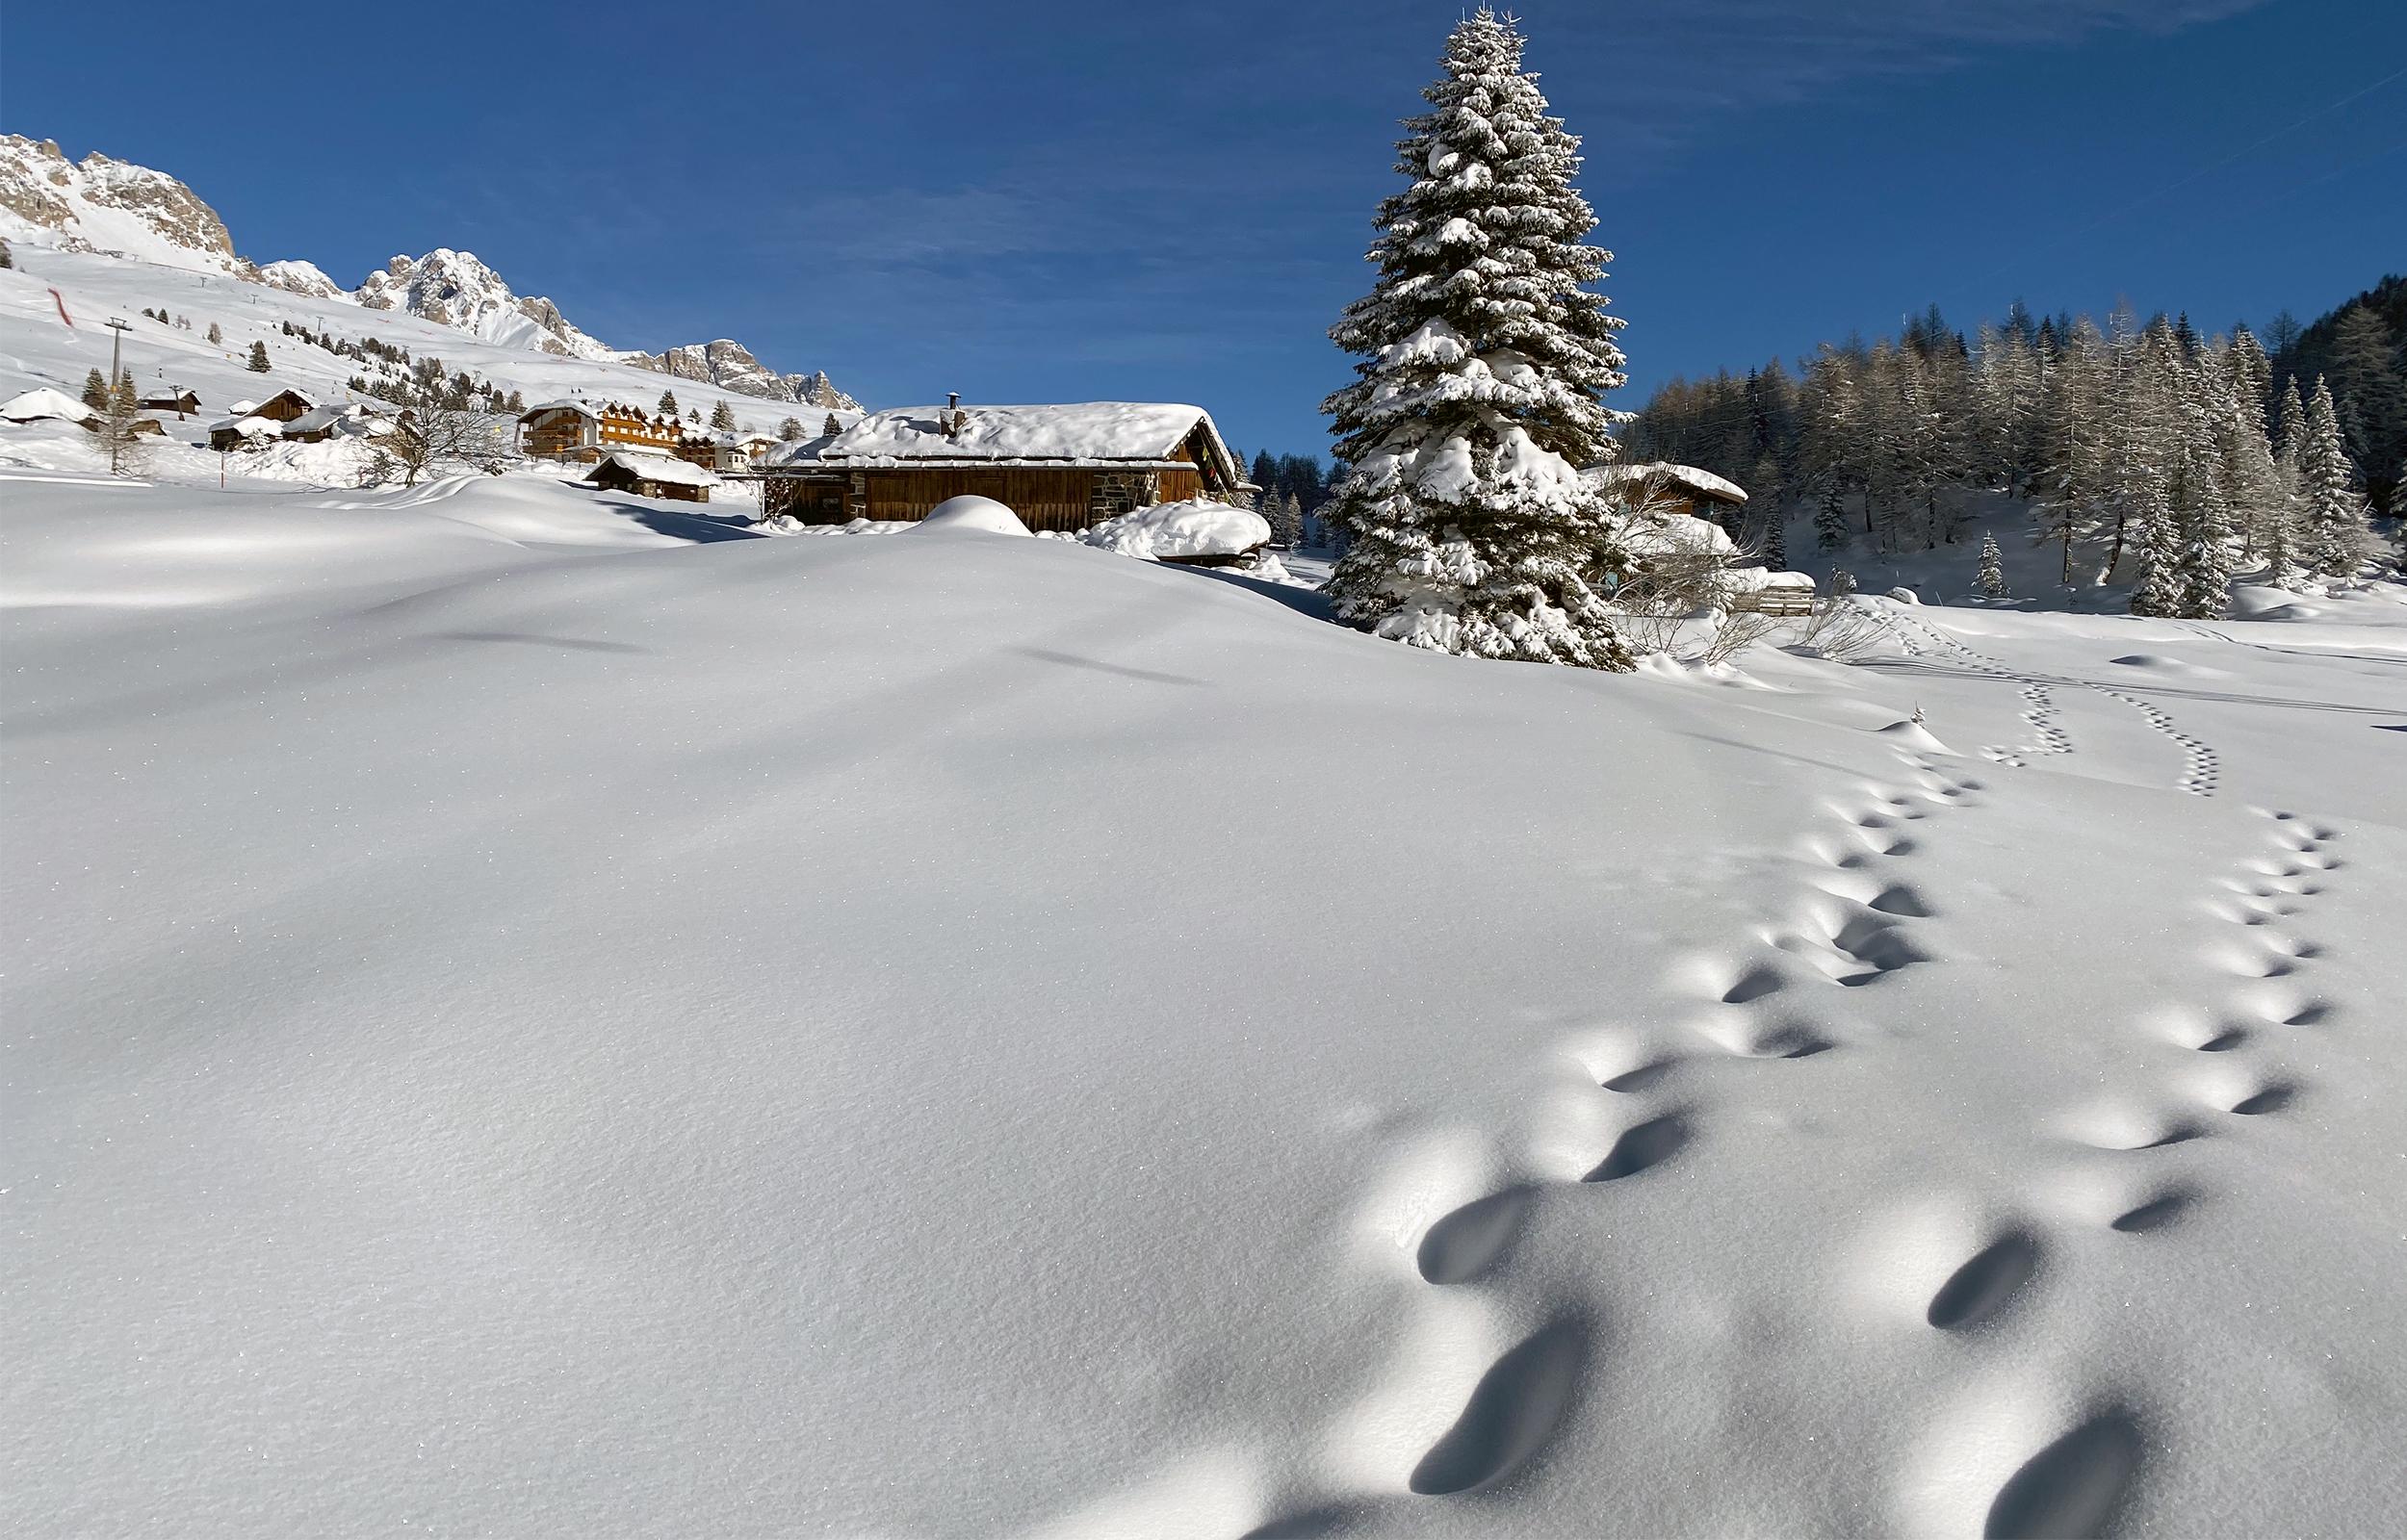 listino prezzzi inverno- 2016 2017 web.